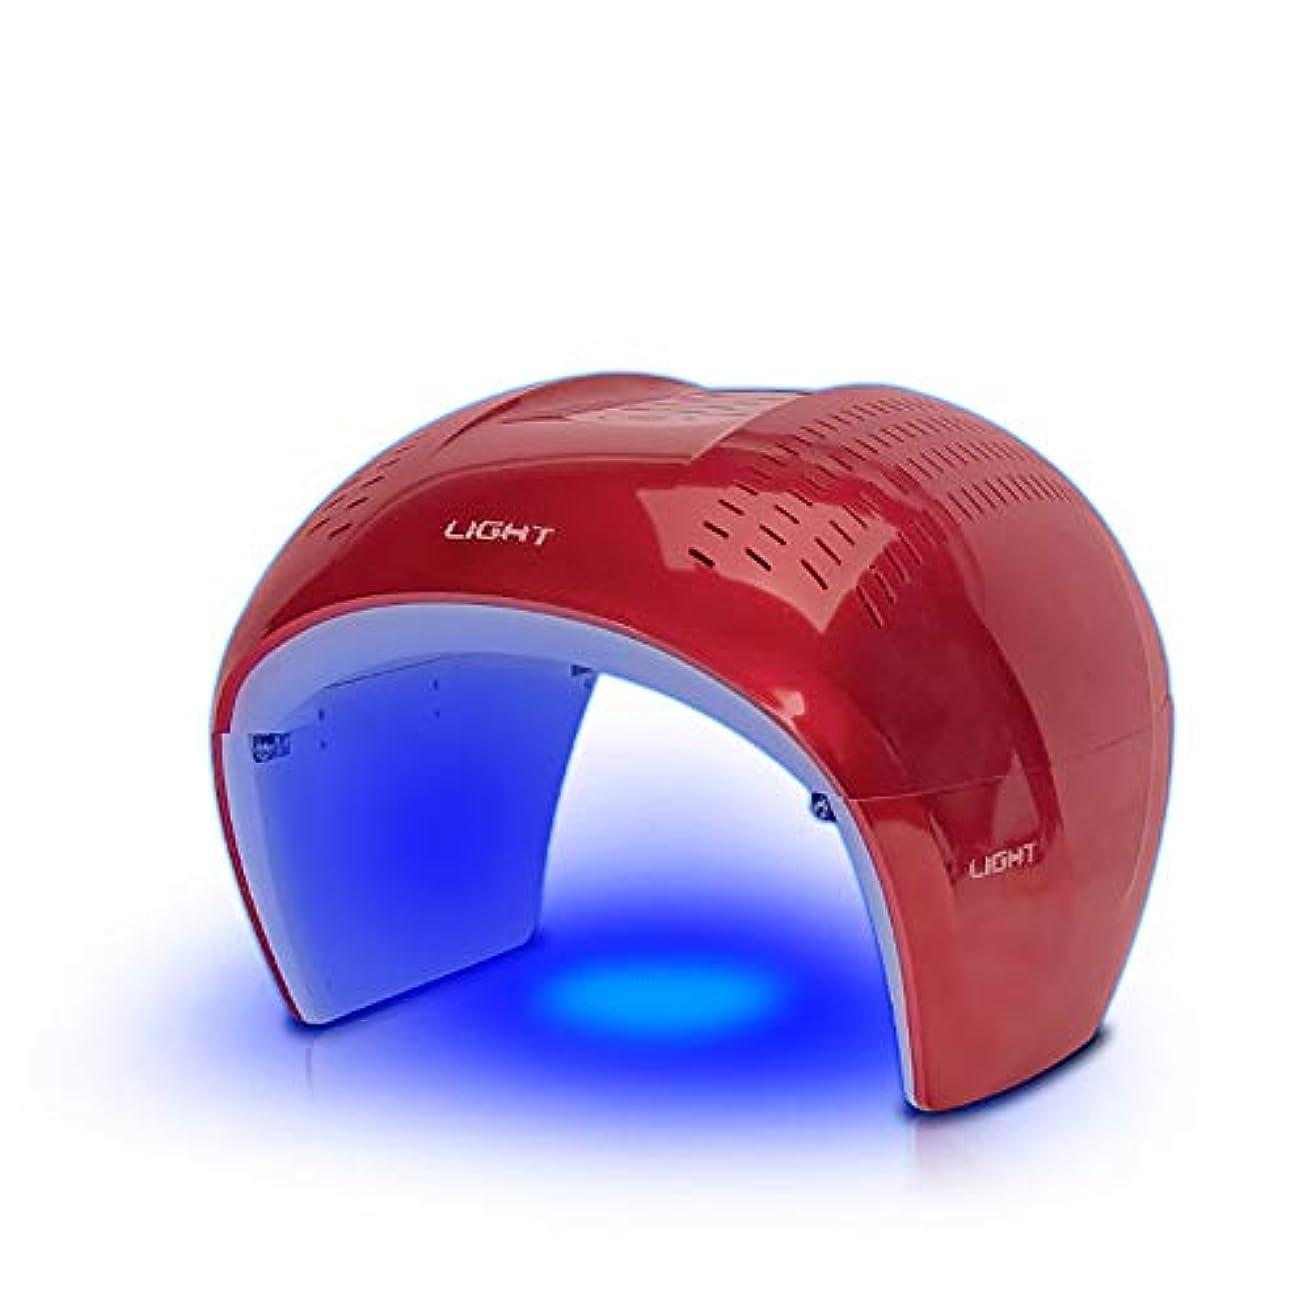 ボイラー骨窒素7色光療法機led、光光線力学肌の若返りランプ、サロンスパアンチエイジングスキンケアデバイス、フェイシャルマスクマッサージ機